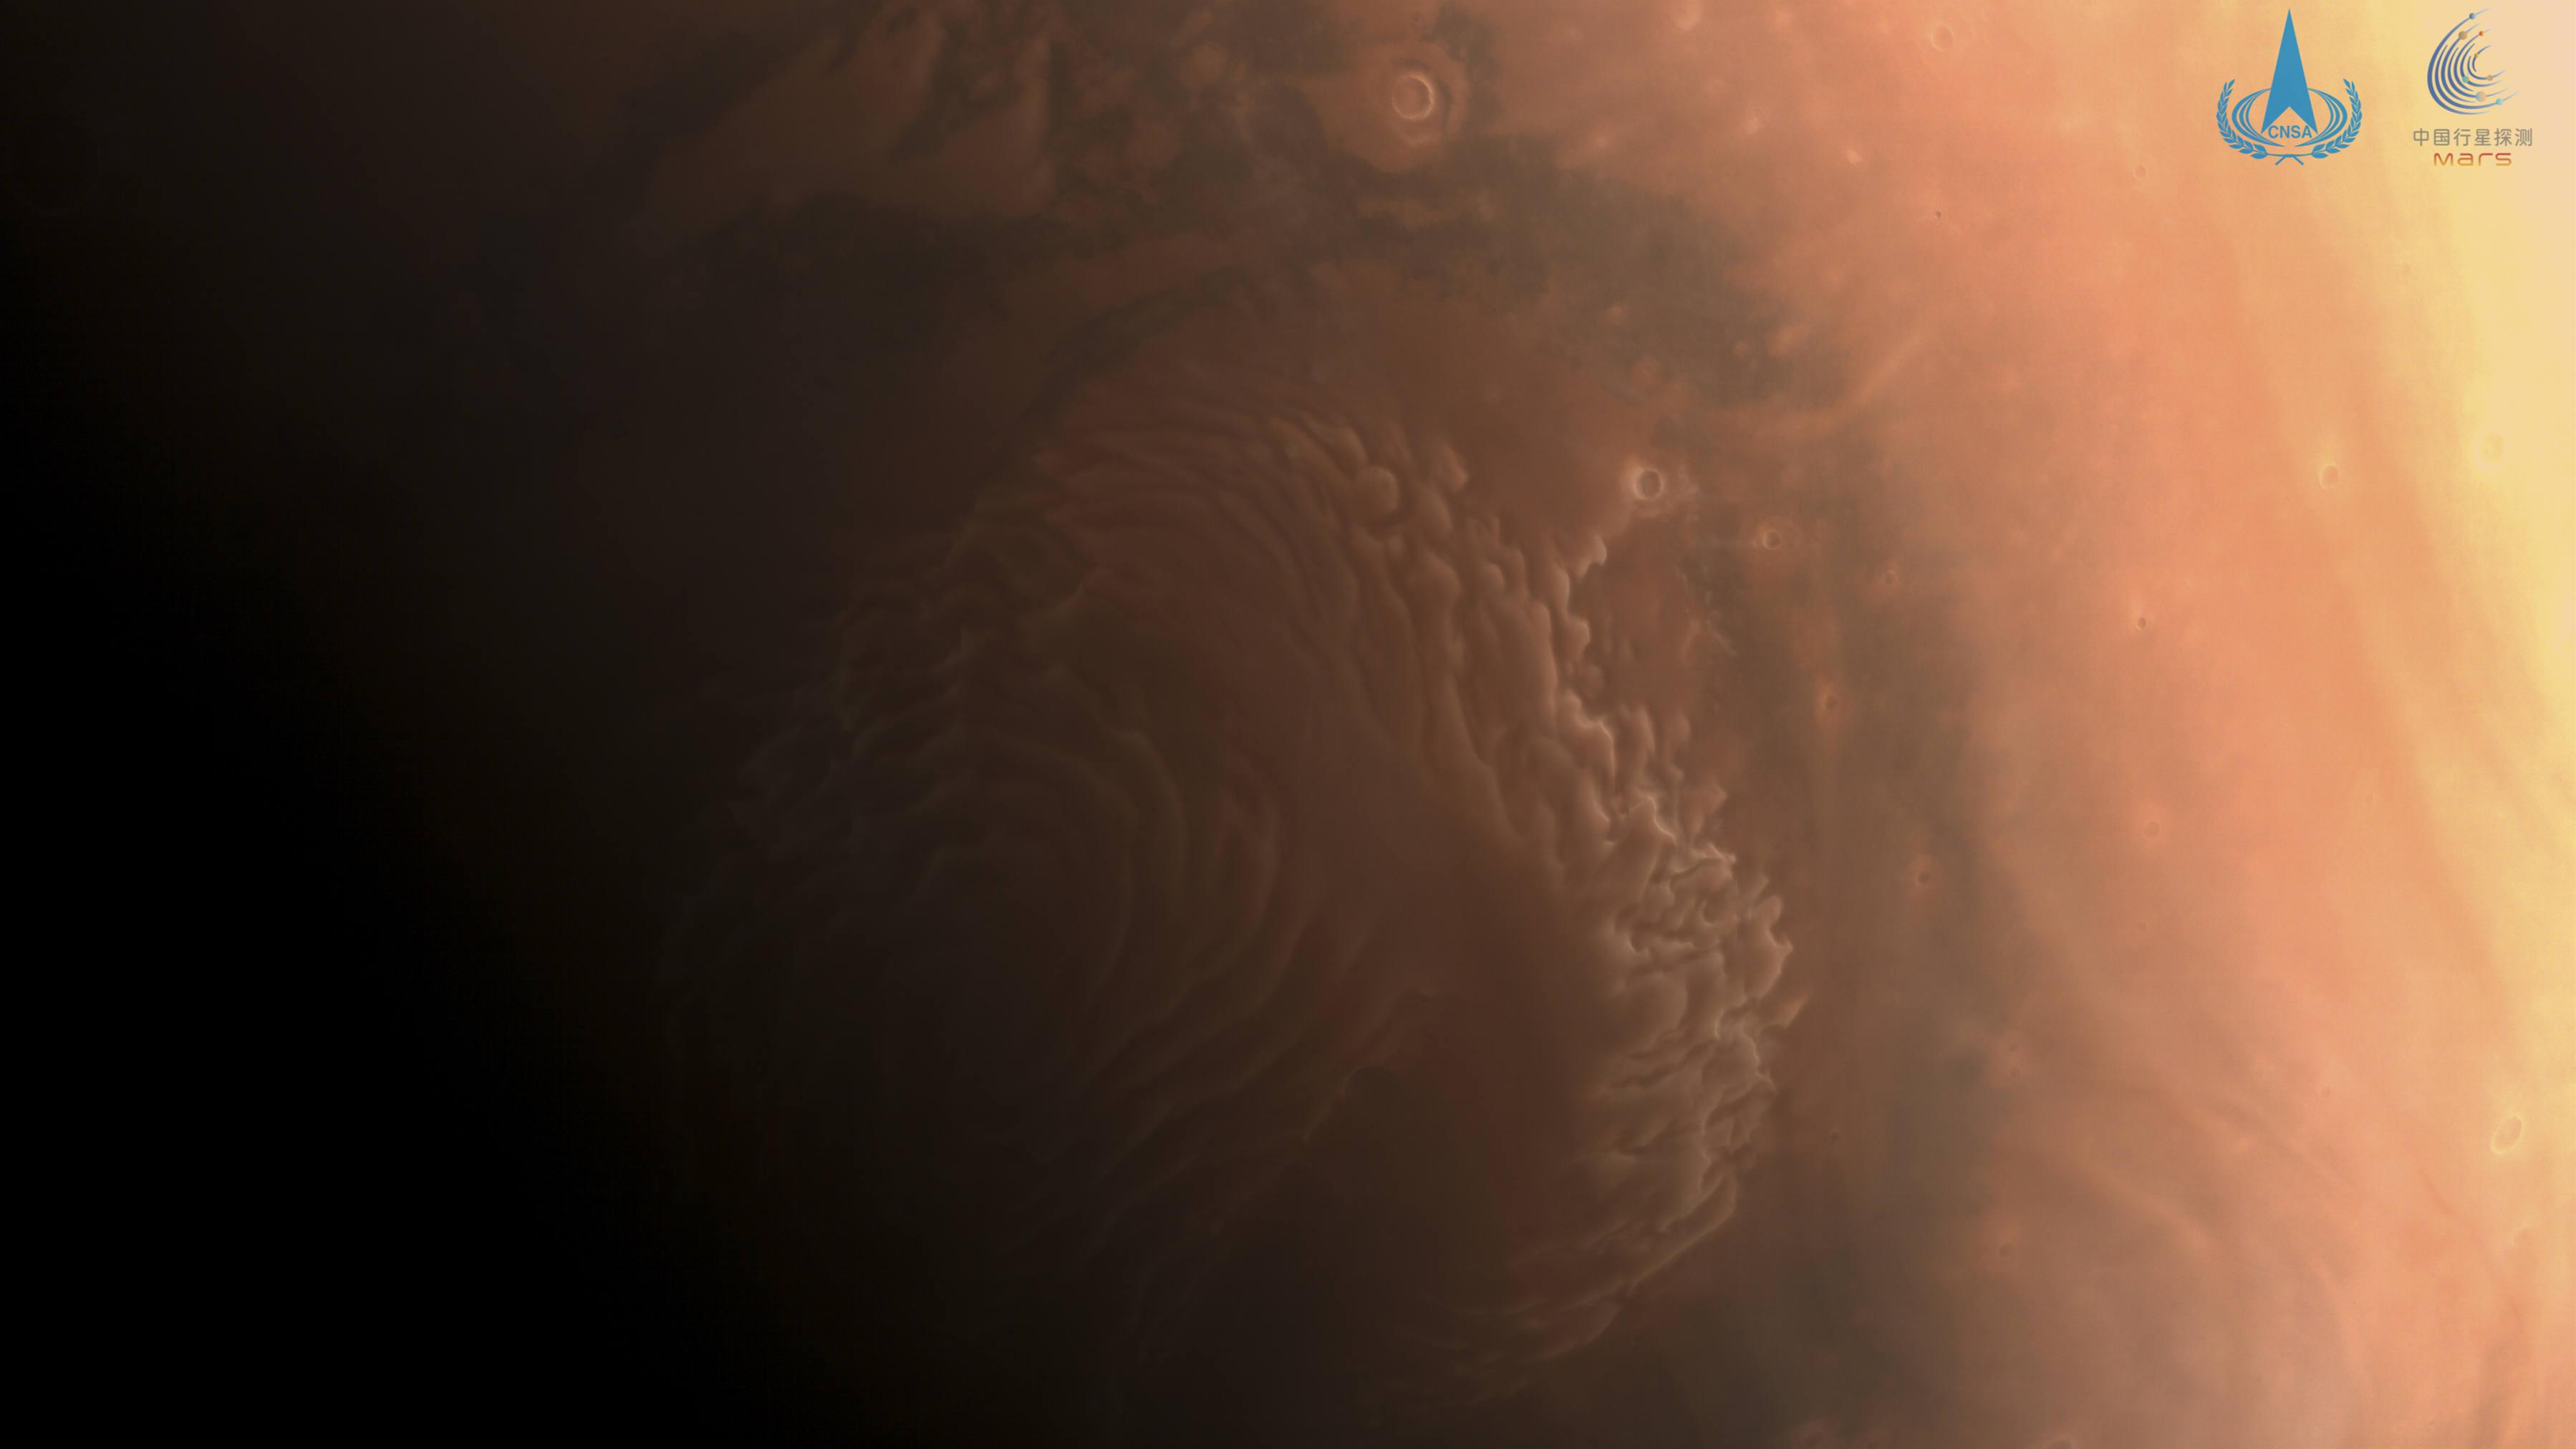 中国国家航天局、「天問1号」が撮影した火星の画像3枚を公開